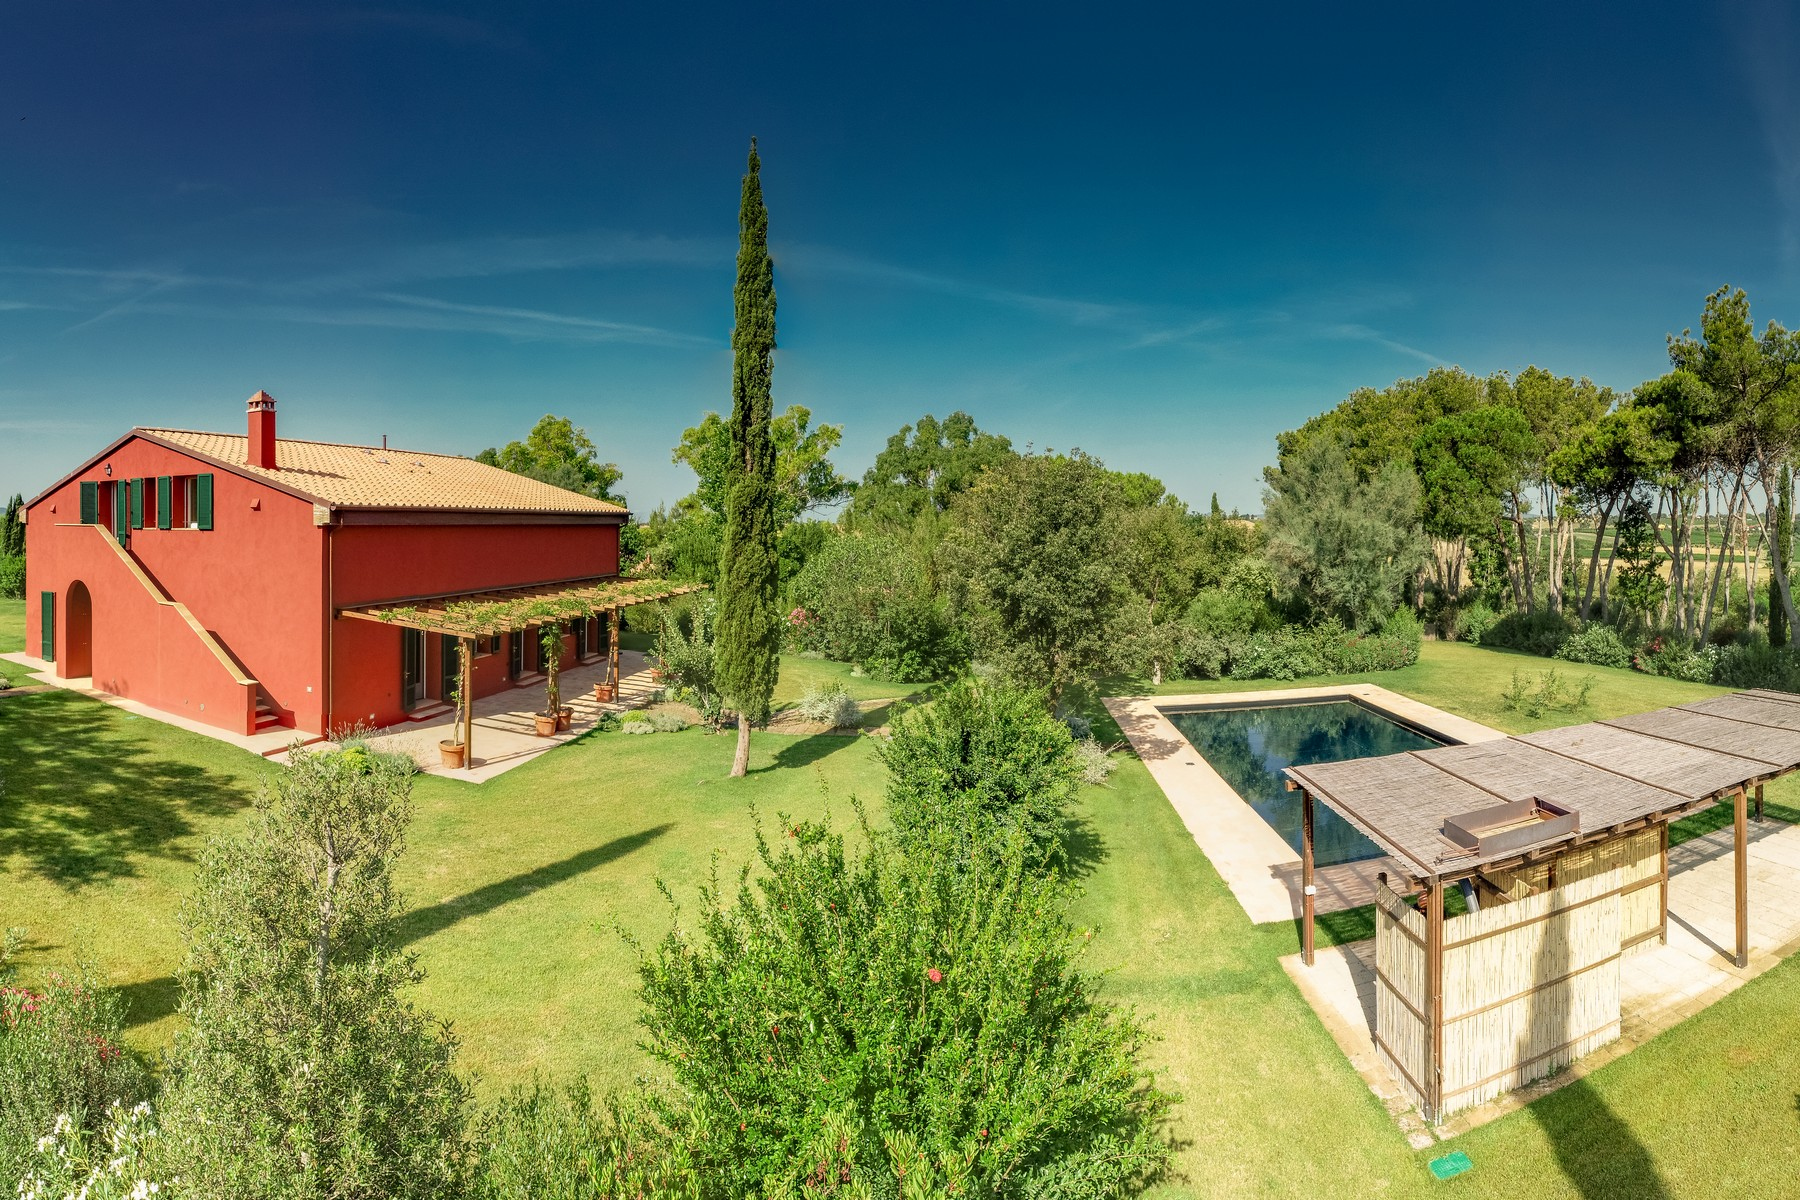 Villa in Vendita a Magliano In Toscana: 5 locali, 438 mq - Foto 2